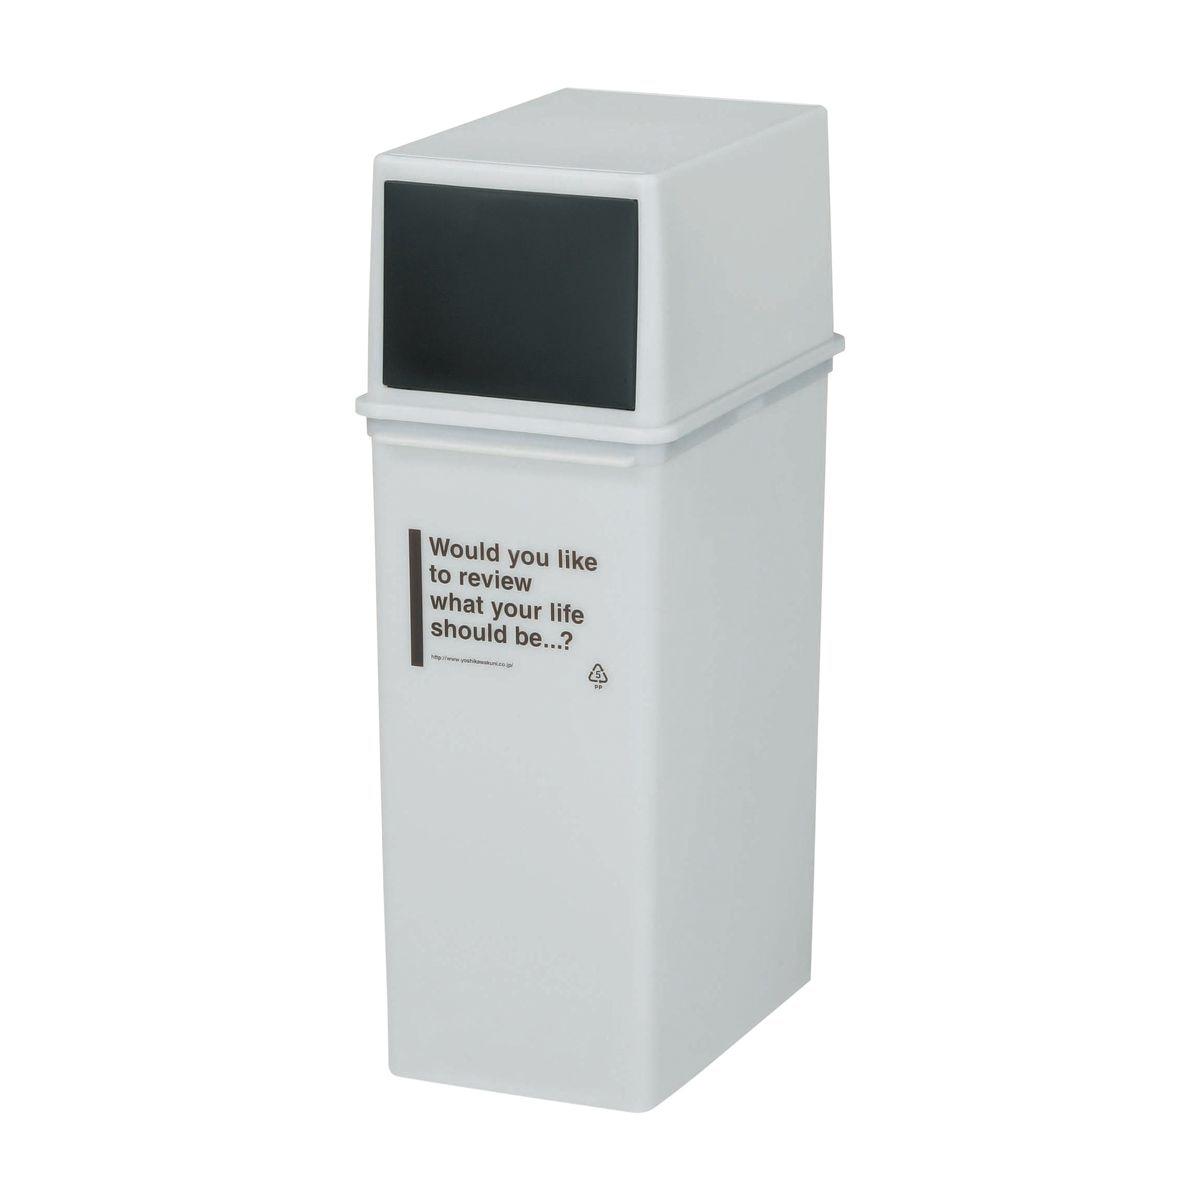 吉川国工業 ゴミ箱カフェスタイル フロントオープン 深型 ホワイト 25L CFS-14-180861